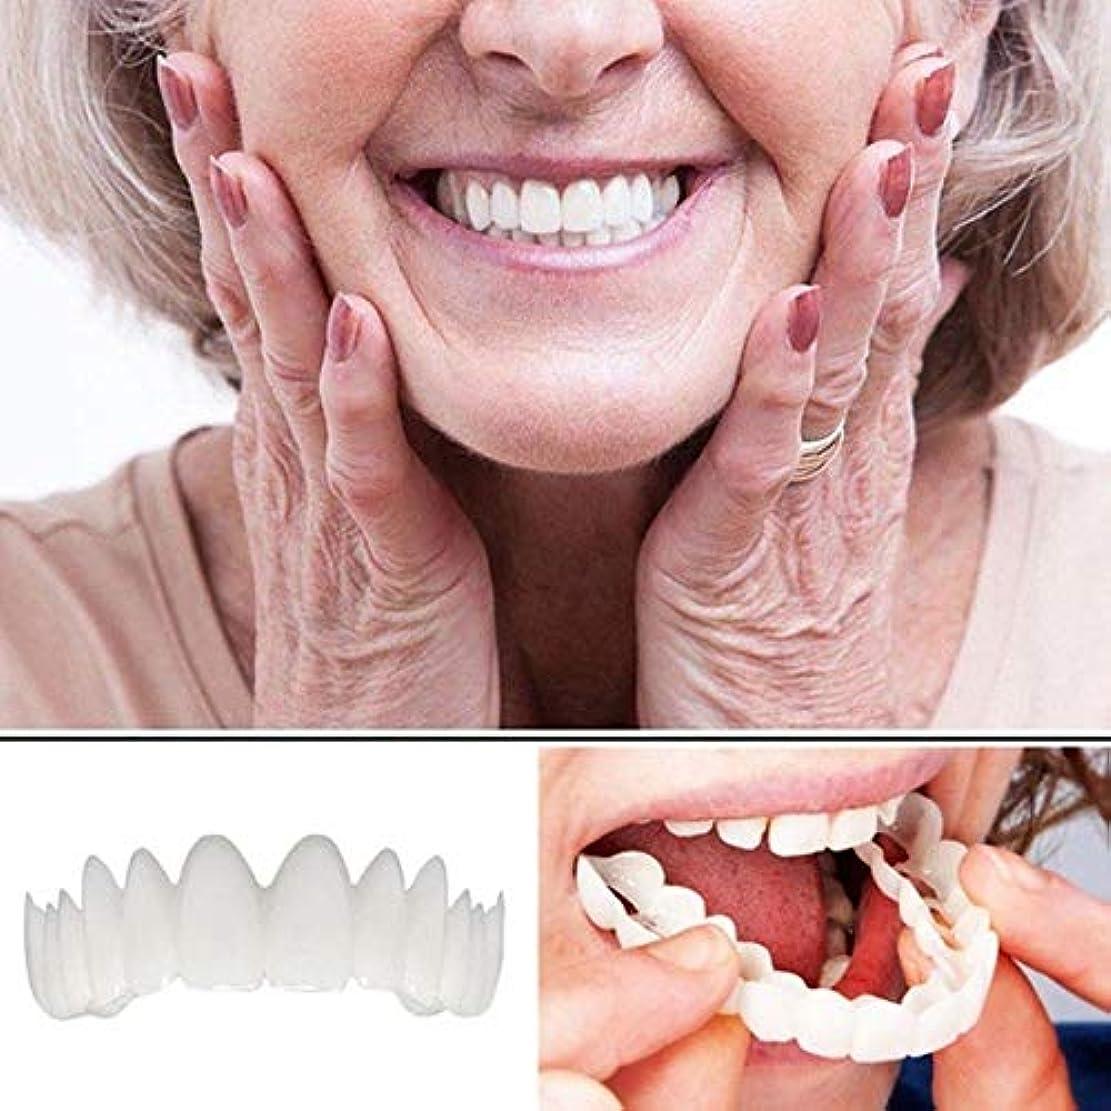 帝国必要とするロースト20ピース下列白い義歯完璧なインスタント笑顔の快適さに適した柔軟な歯入れ歯化粧ベニア歯カバー美容ツール